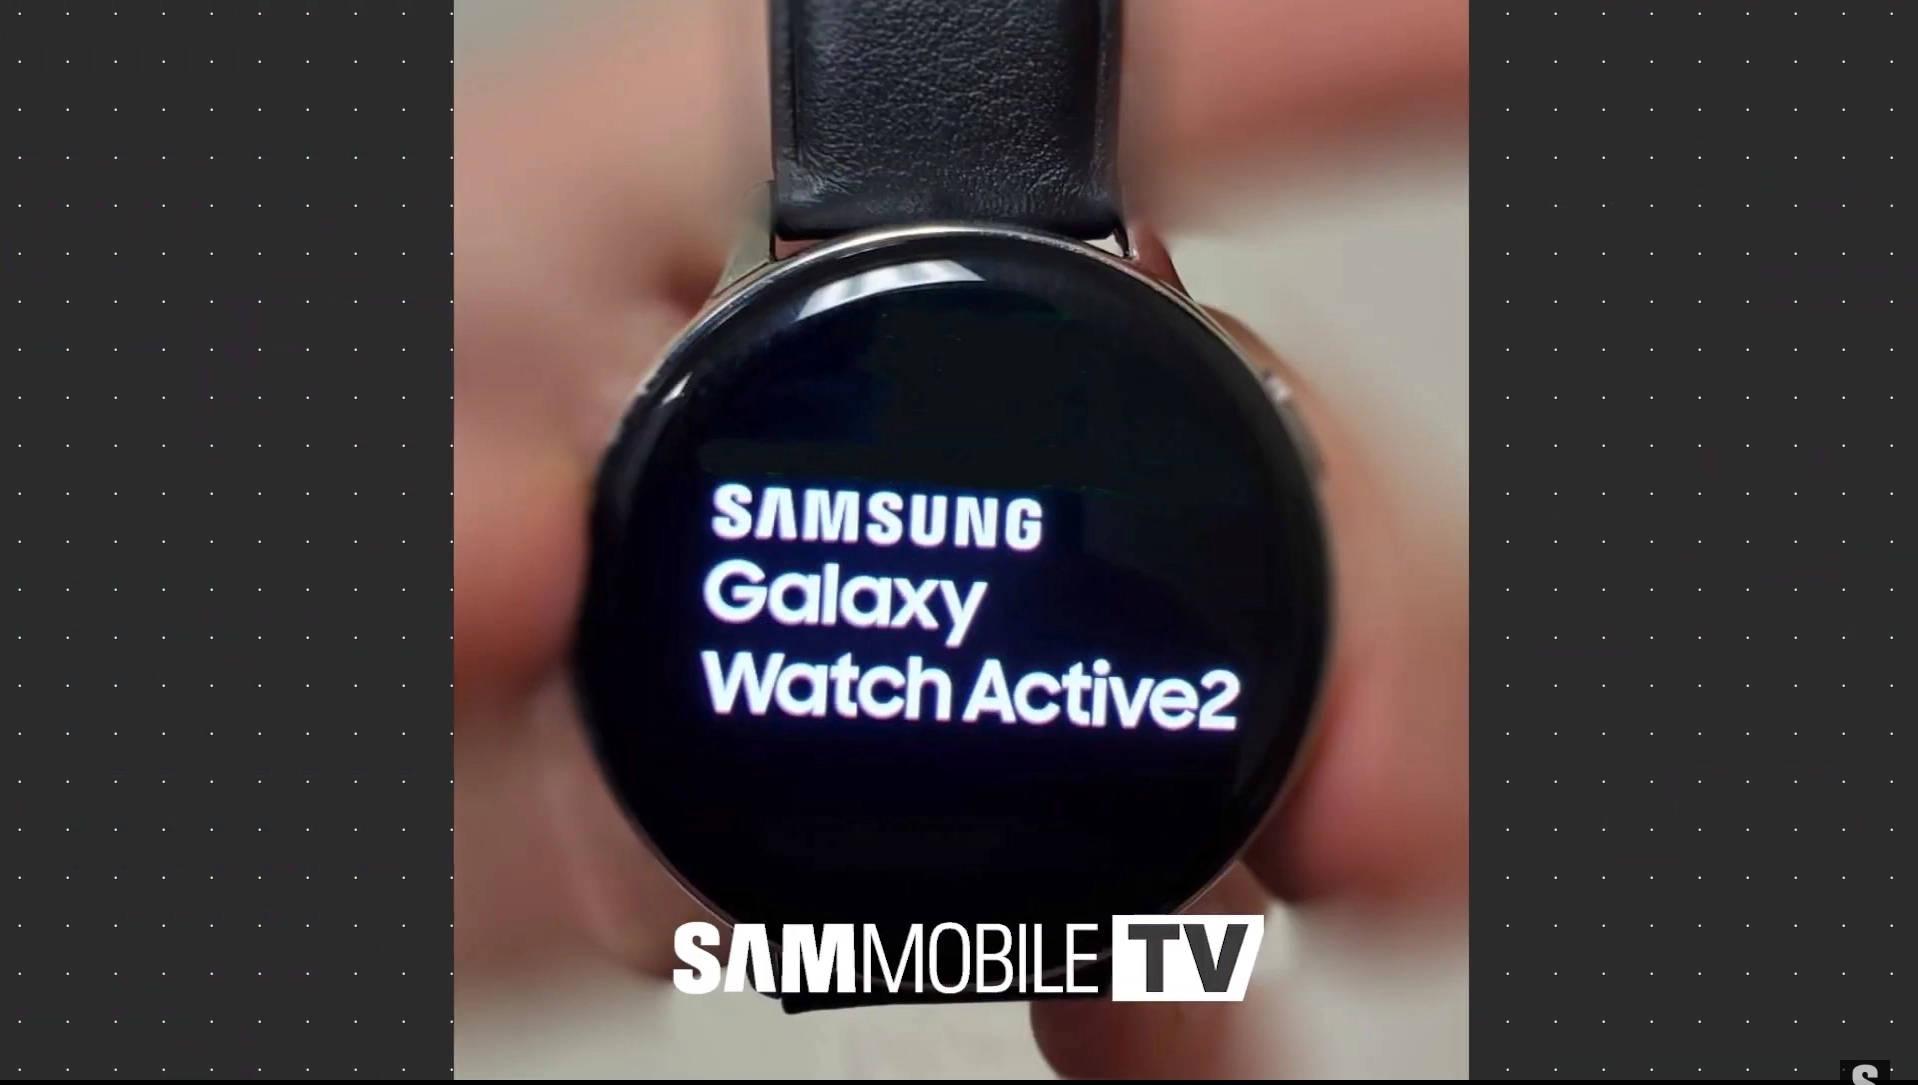 Samsung Galaxy Watch Active 2 zdjęcia kiedy premiera plotki przecieki wycieki specyfikacja techniczna Apple Watch 4 EKH wykrywanie upadków